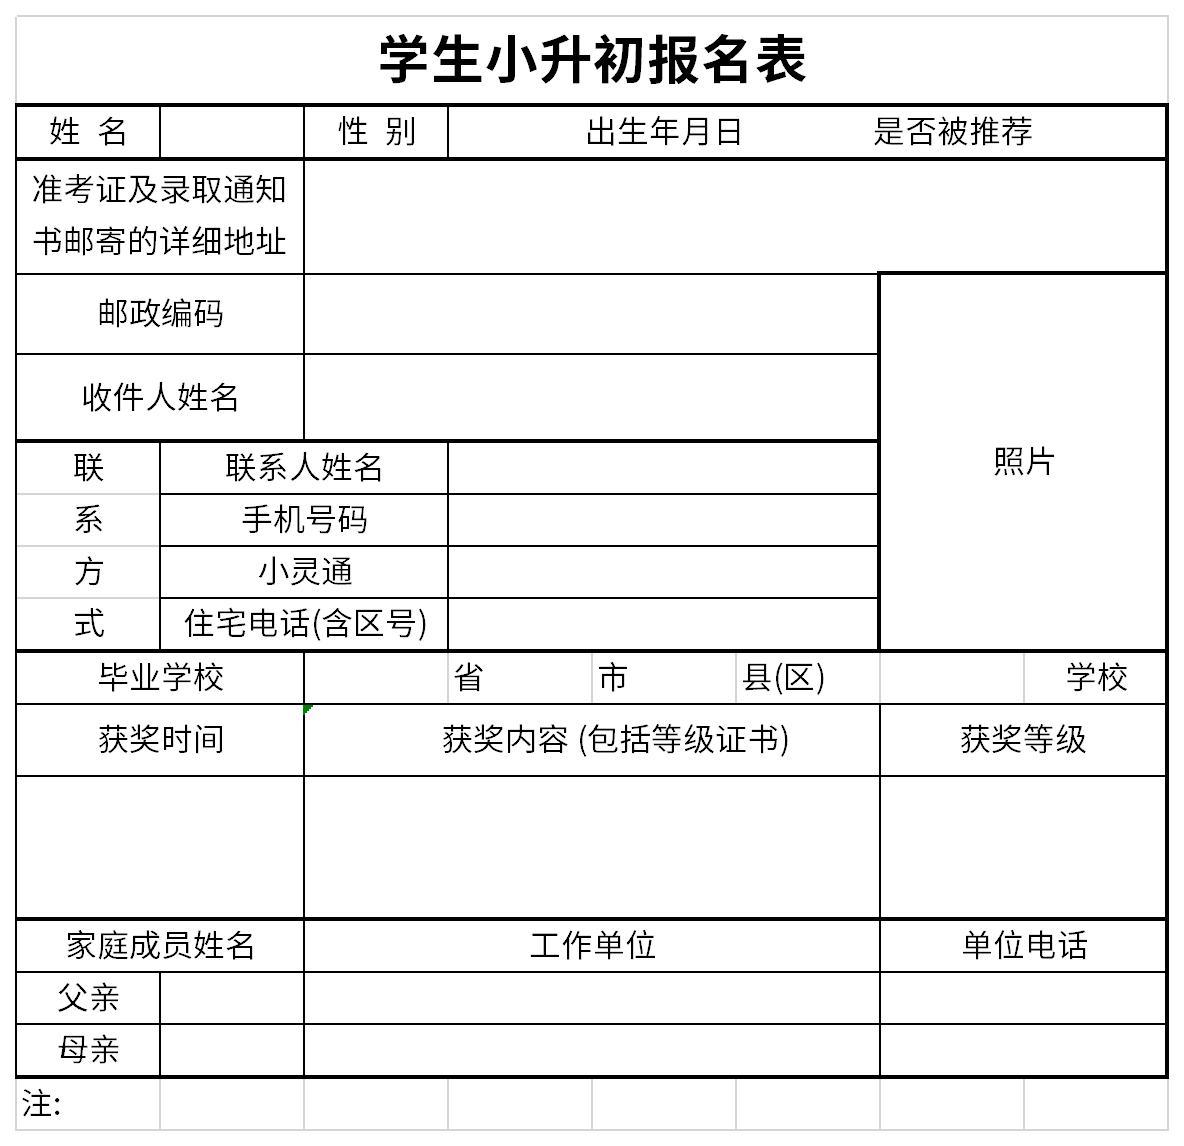 学生小升初报名表截图